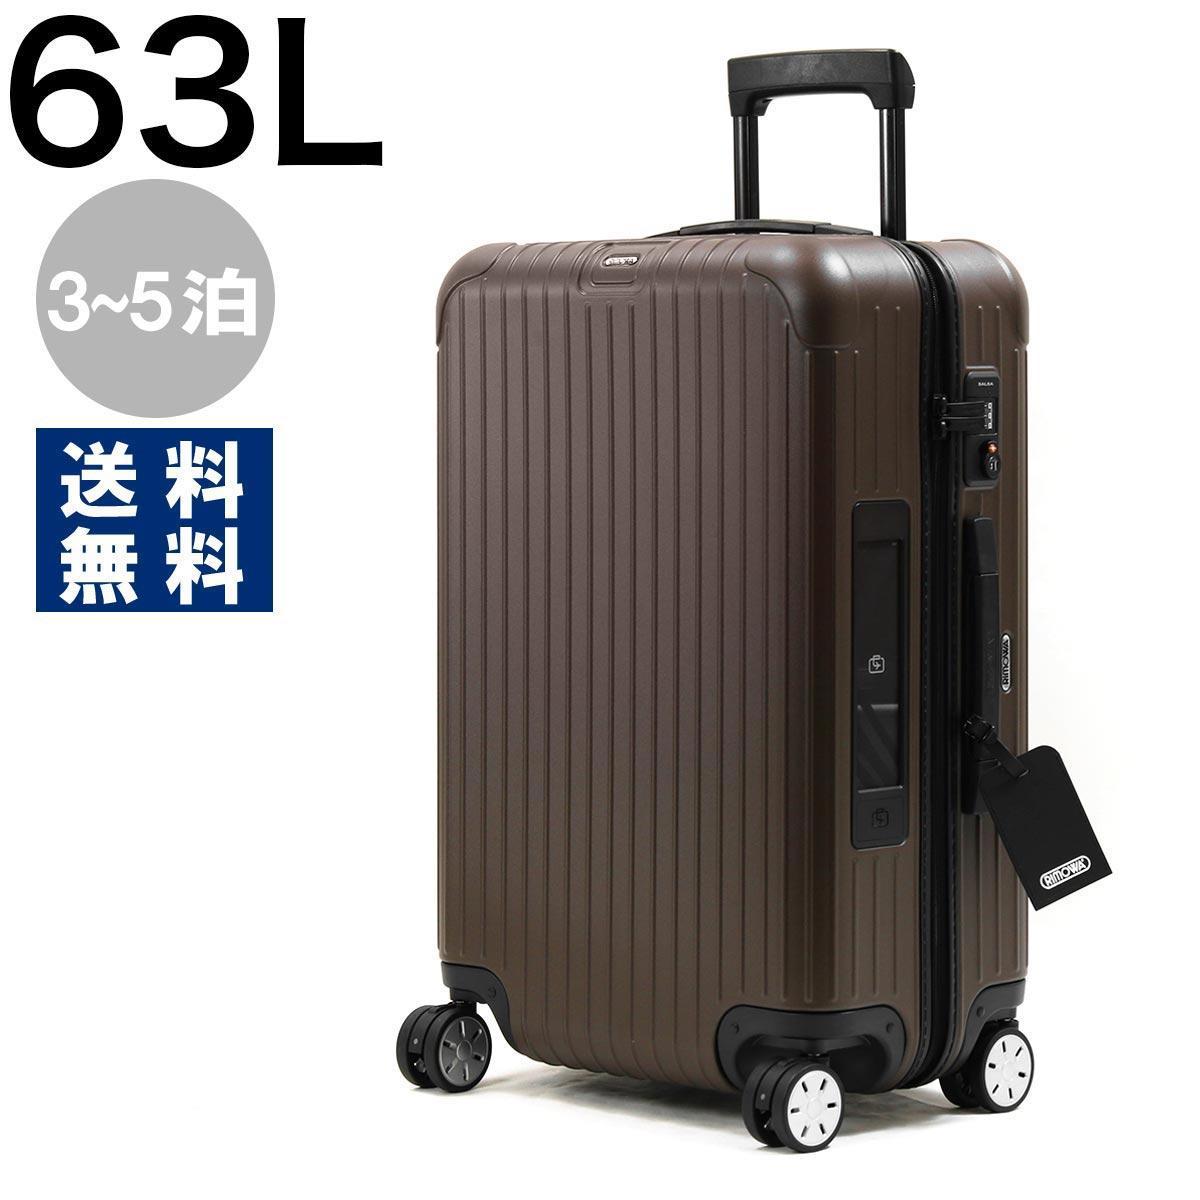 リモワ スーツケース/旅行用バッグ バッグ メンズ レディース サルサ ELECTRONIC TAG 63L 3~5泊 ブロンズブラウンマット 811.63.38.5 RIMOWA